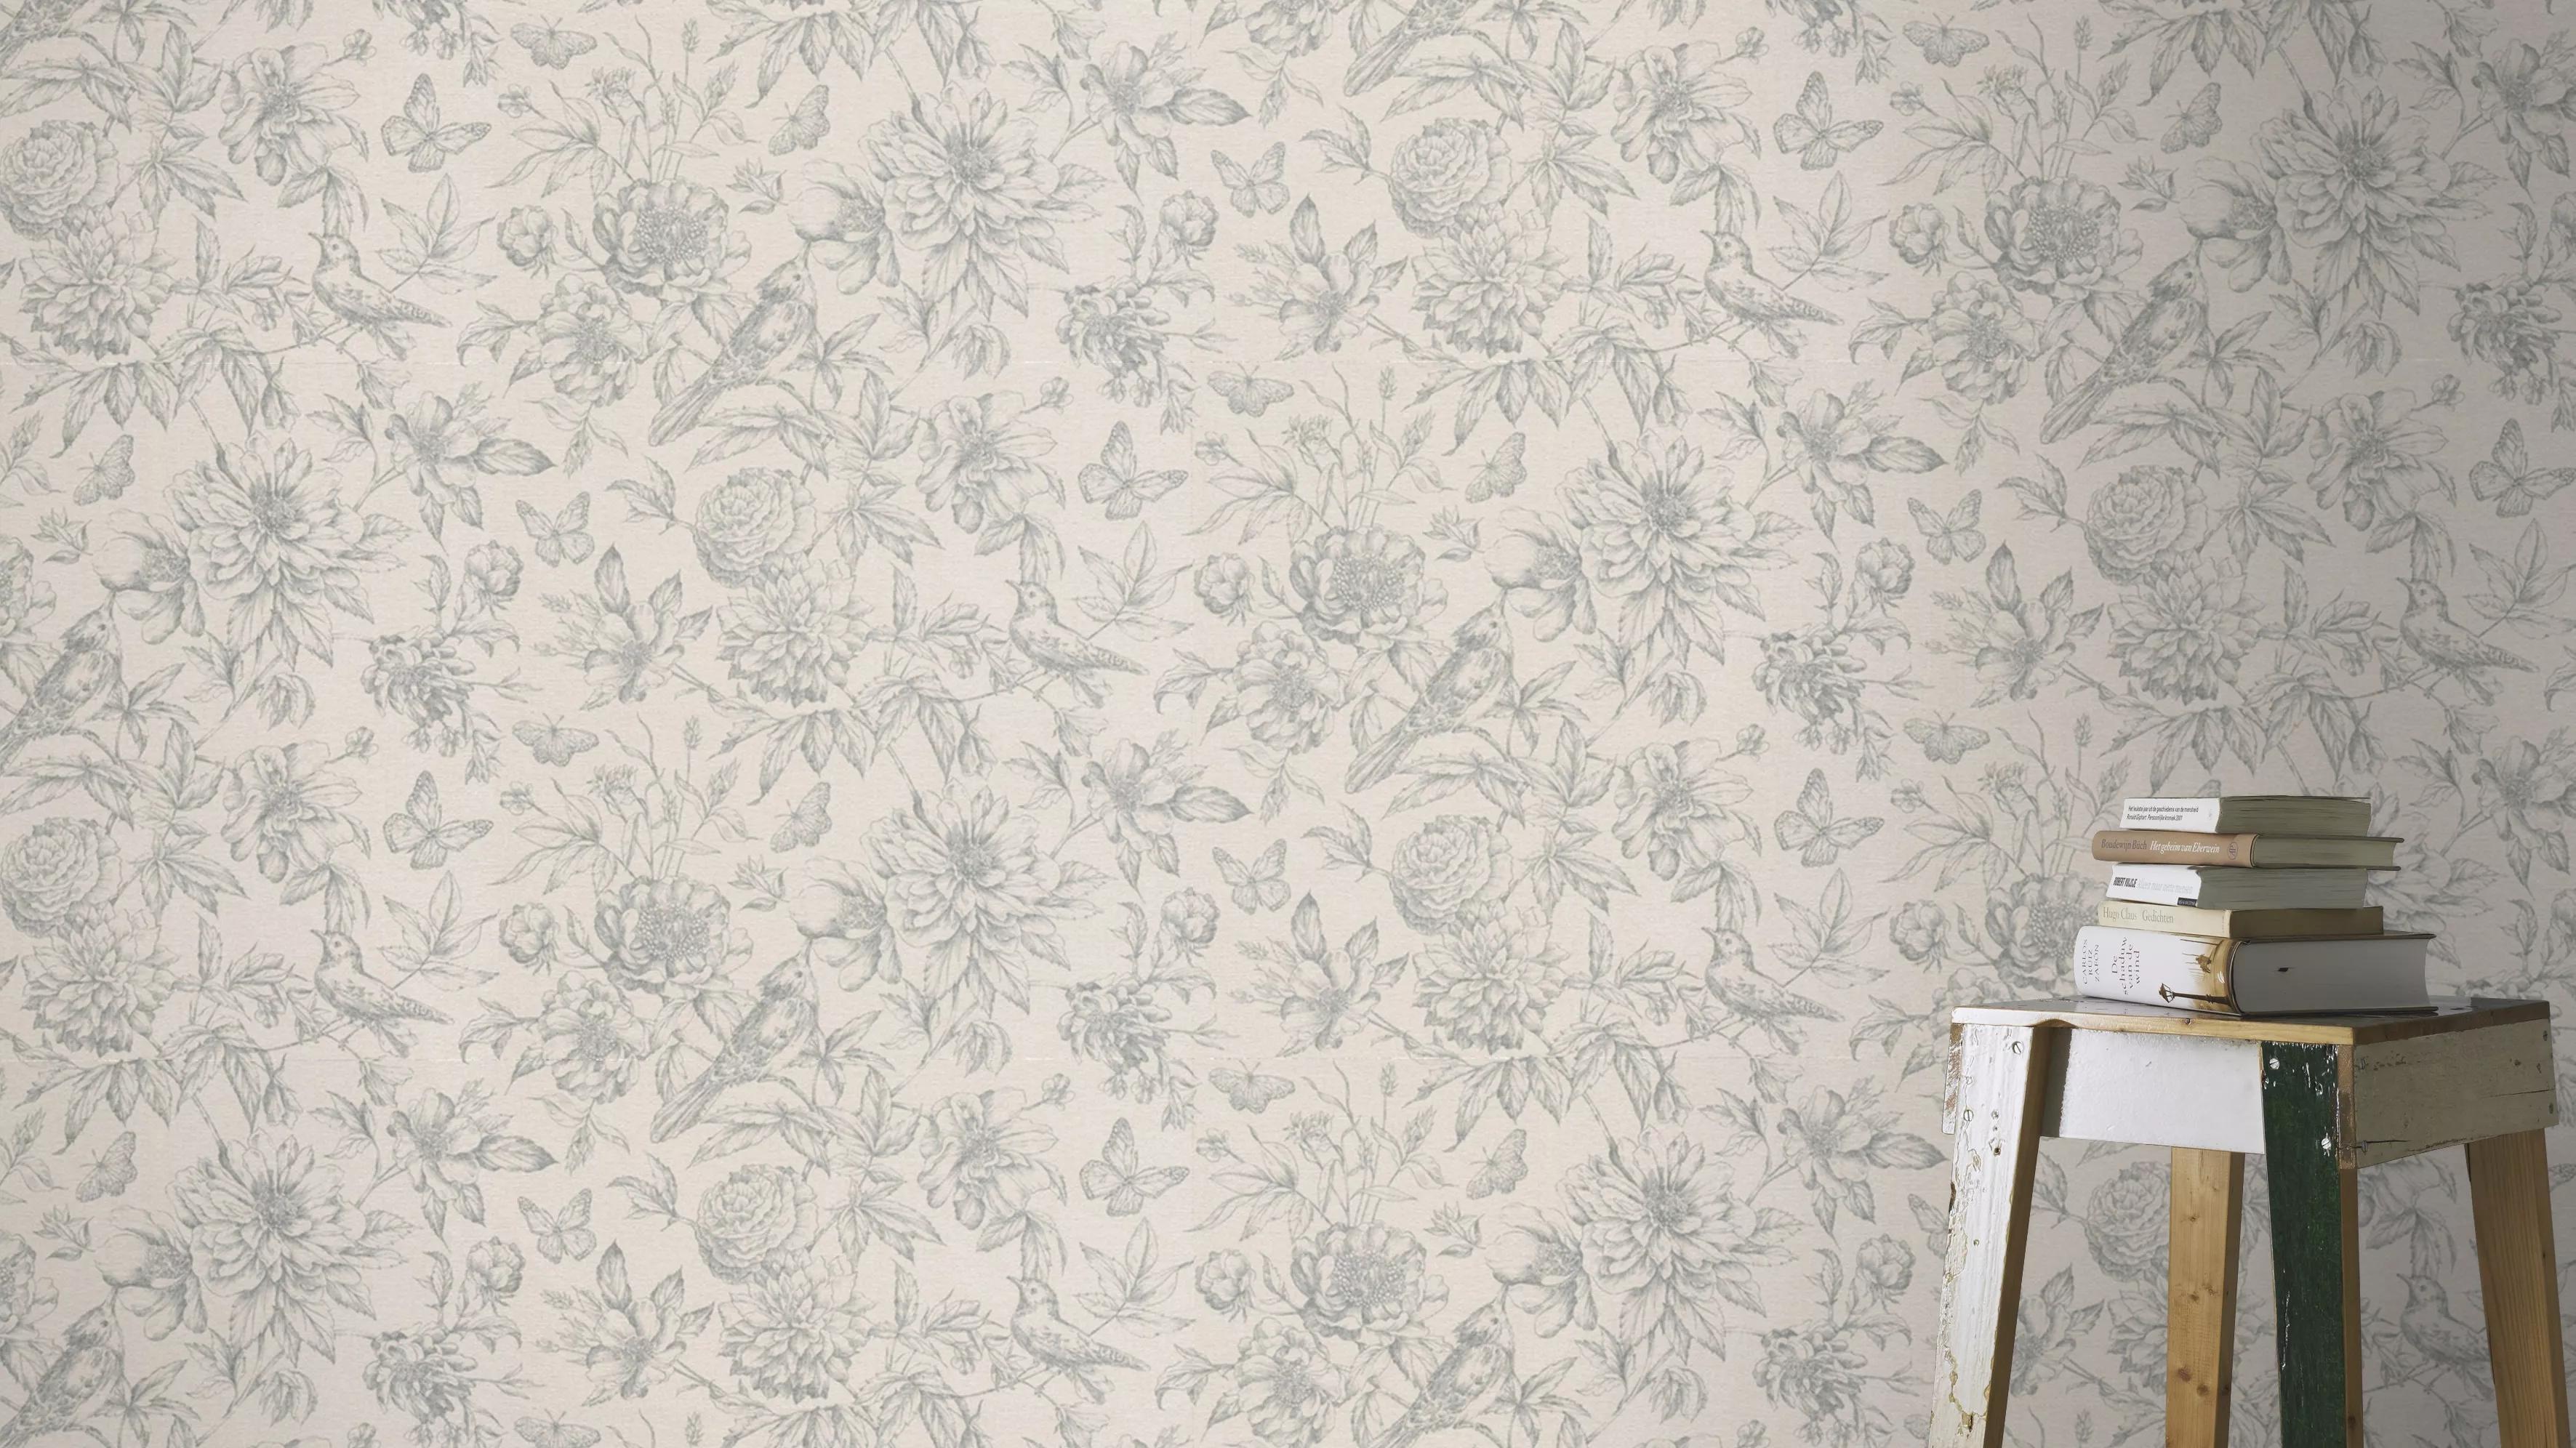 Szürke vintage hangulatú madár, virágmintás vlies tapéta